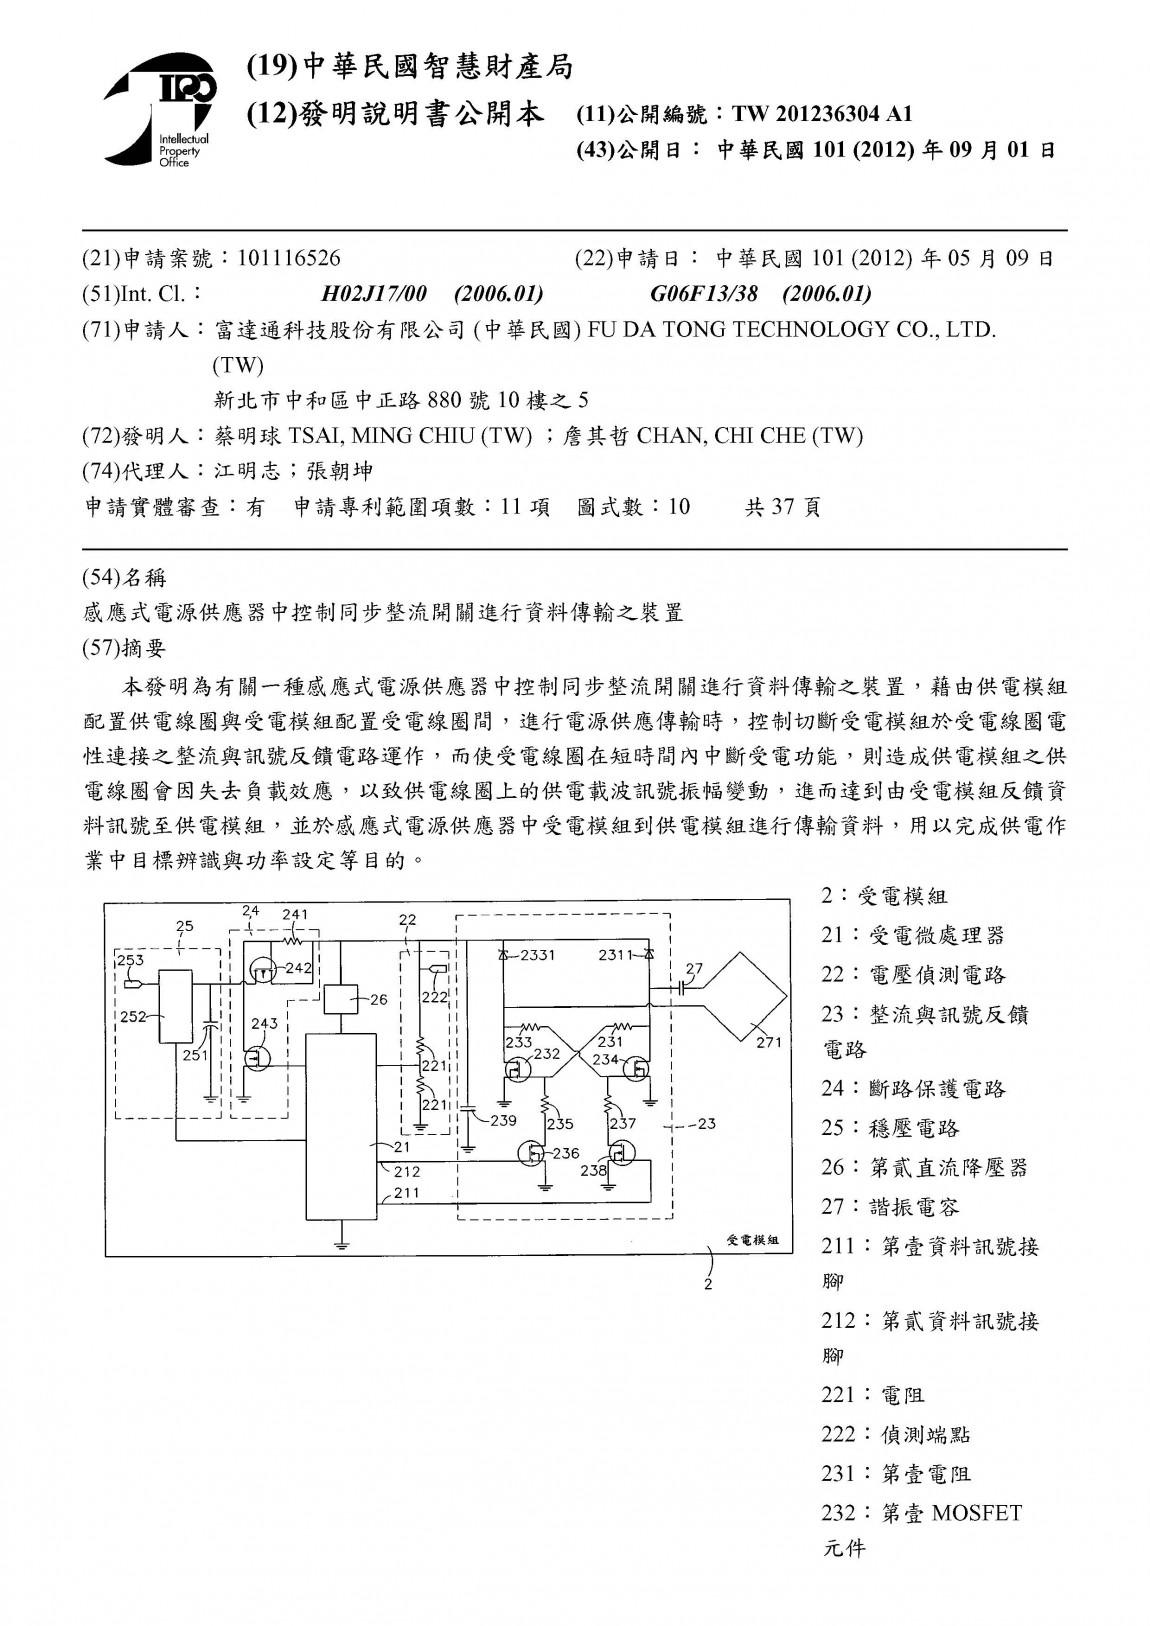 富達通專利19-感應式電源供應器中控制同步整流開關進行資料傳輸之裝置(台灣)201236304